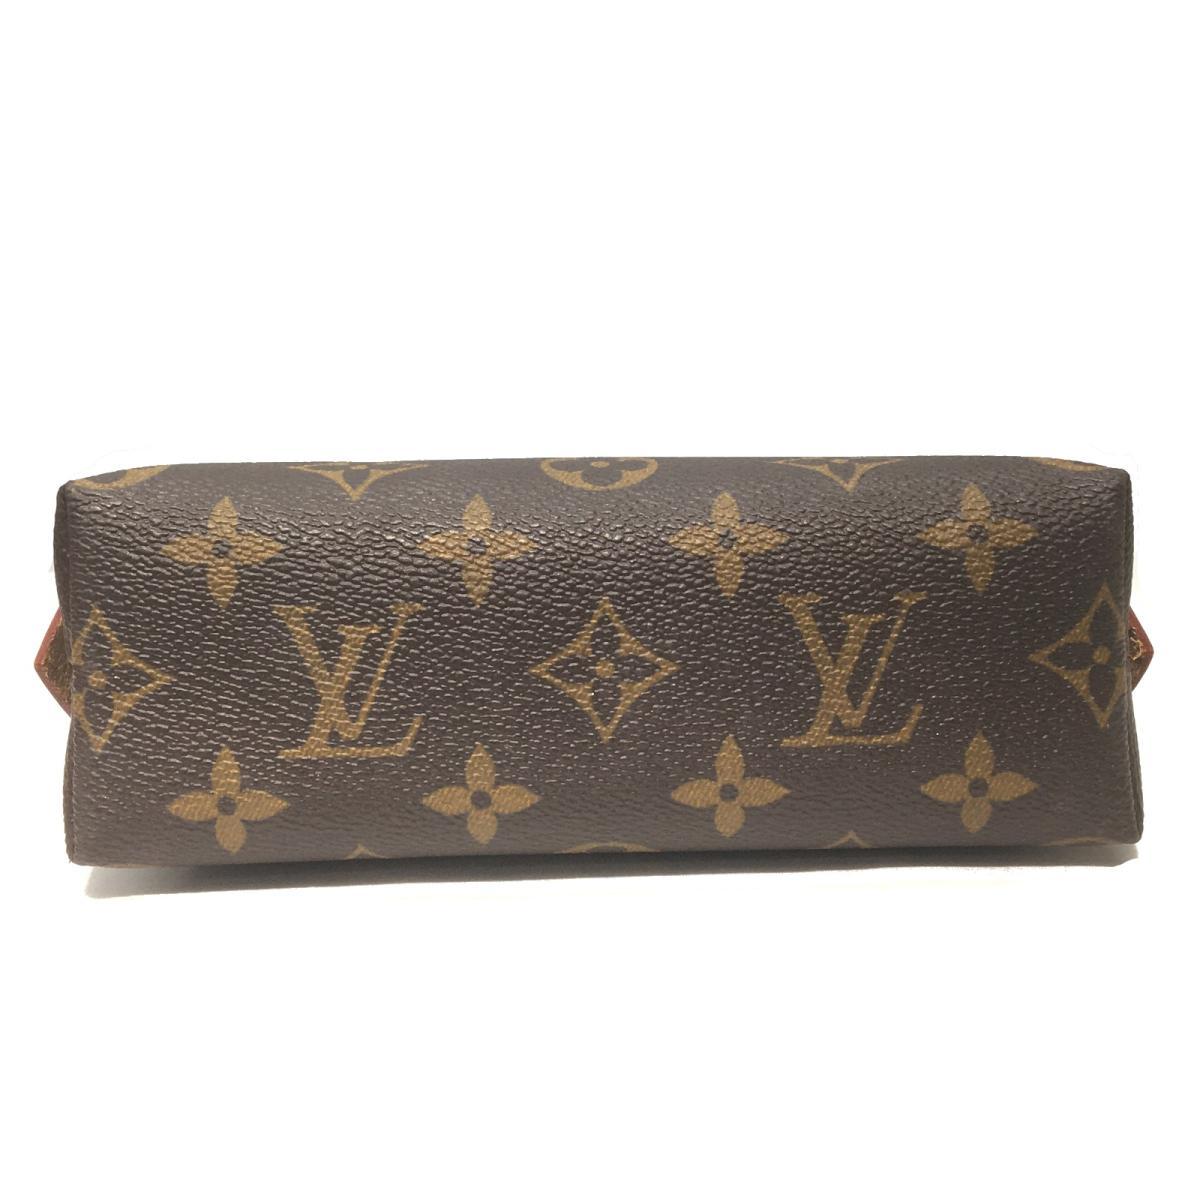 特価商品 LOUIS VUITTON ルイ・ヴィトンポシェット・コスメティック化粧ポーチ ポーチ モノグラム モノグラムランクAM47515 ルイヴィトン29WHEYDI